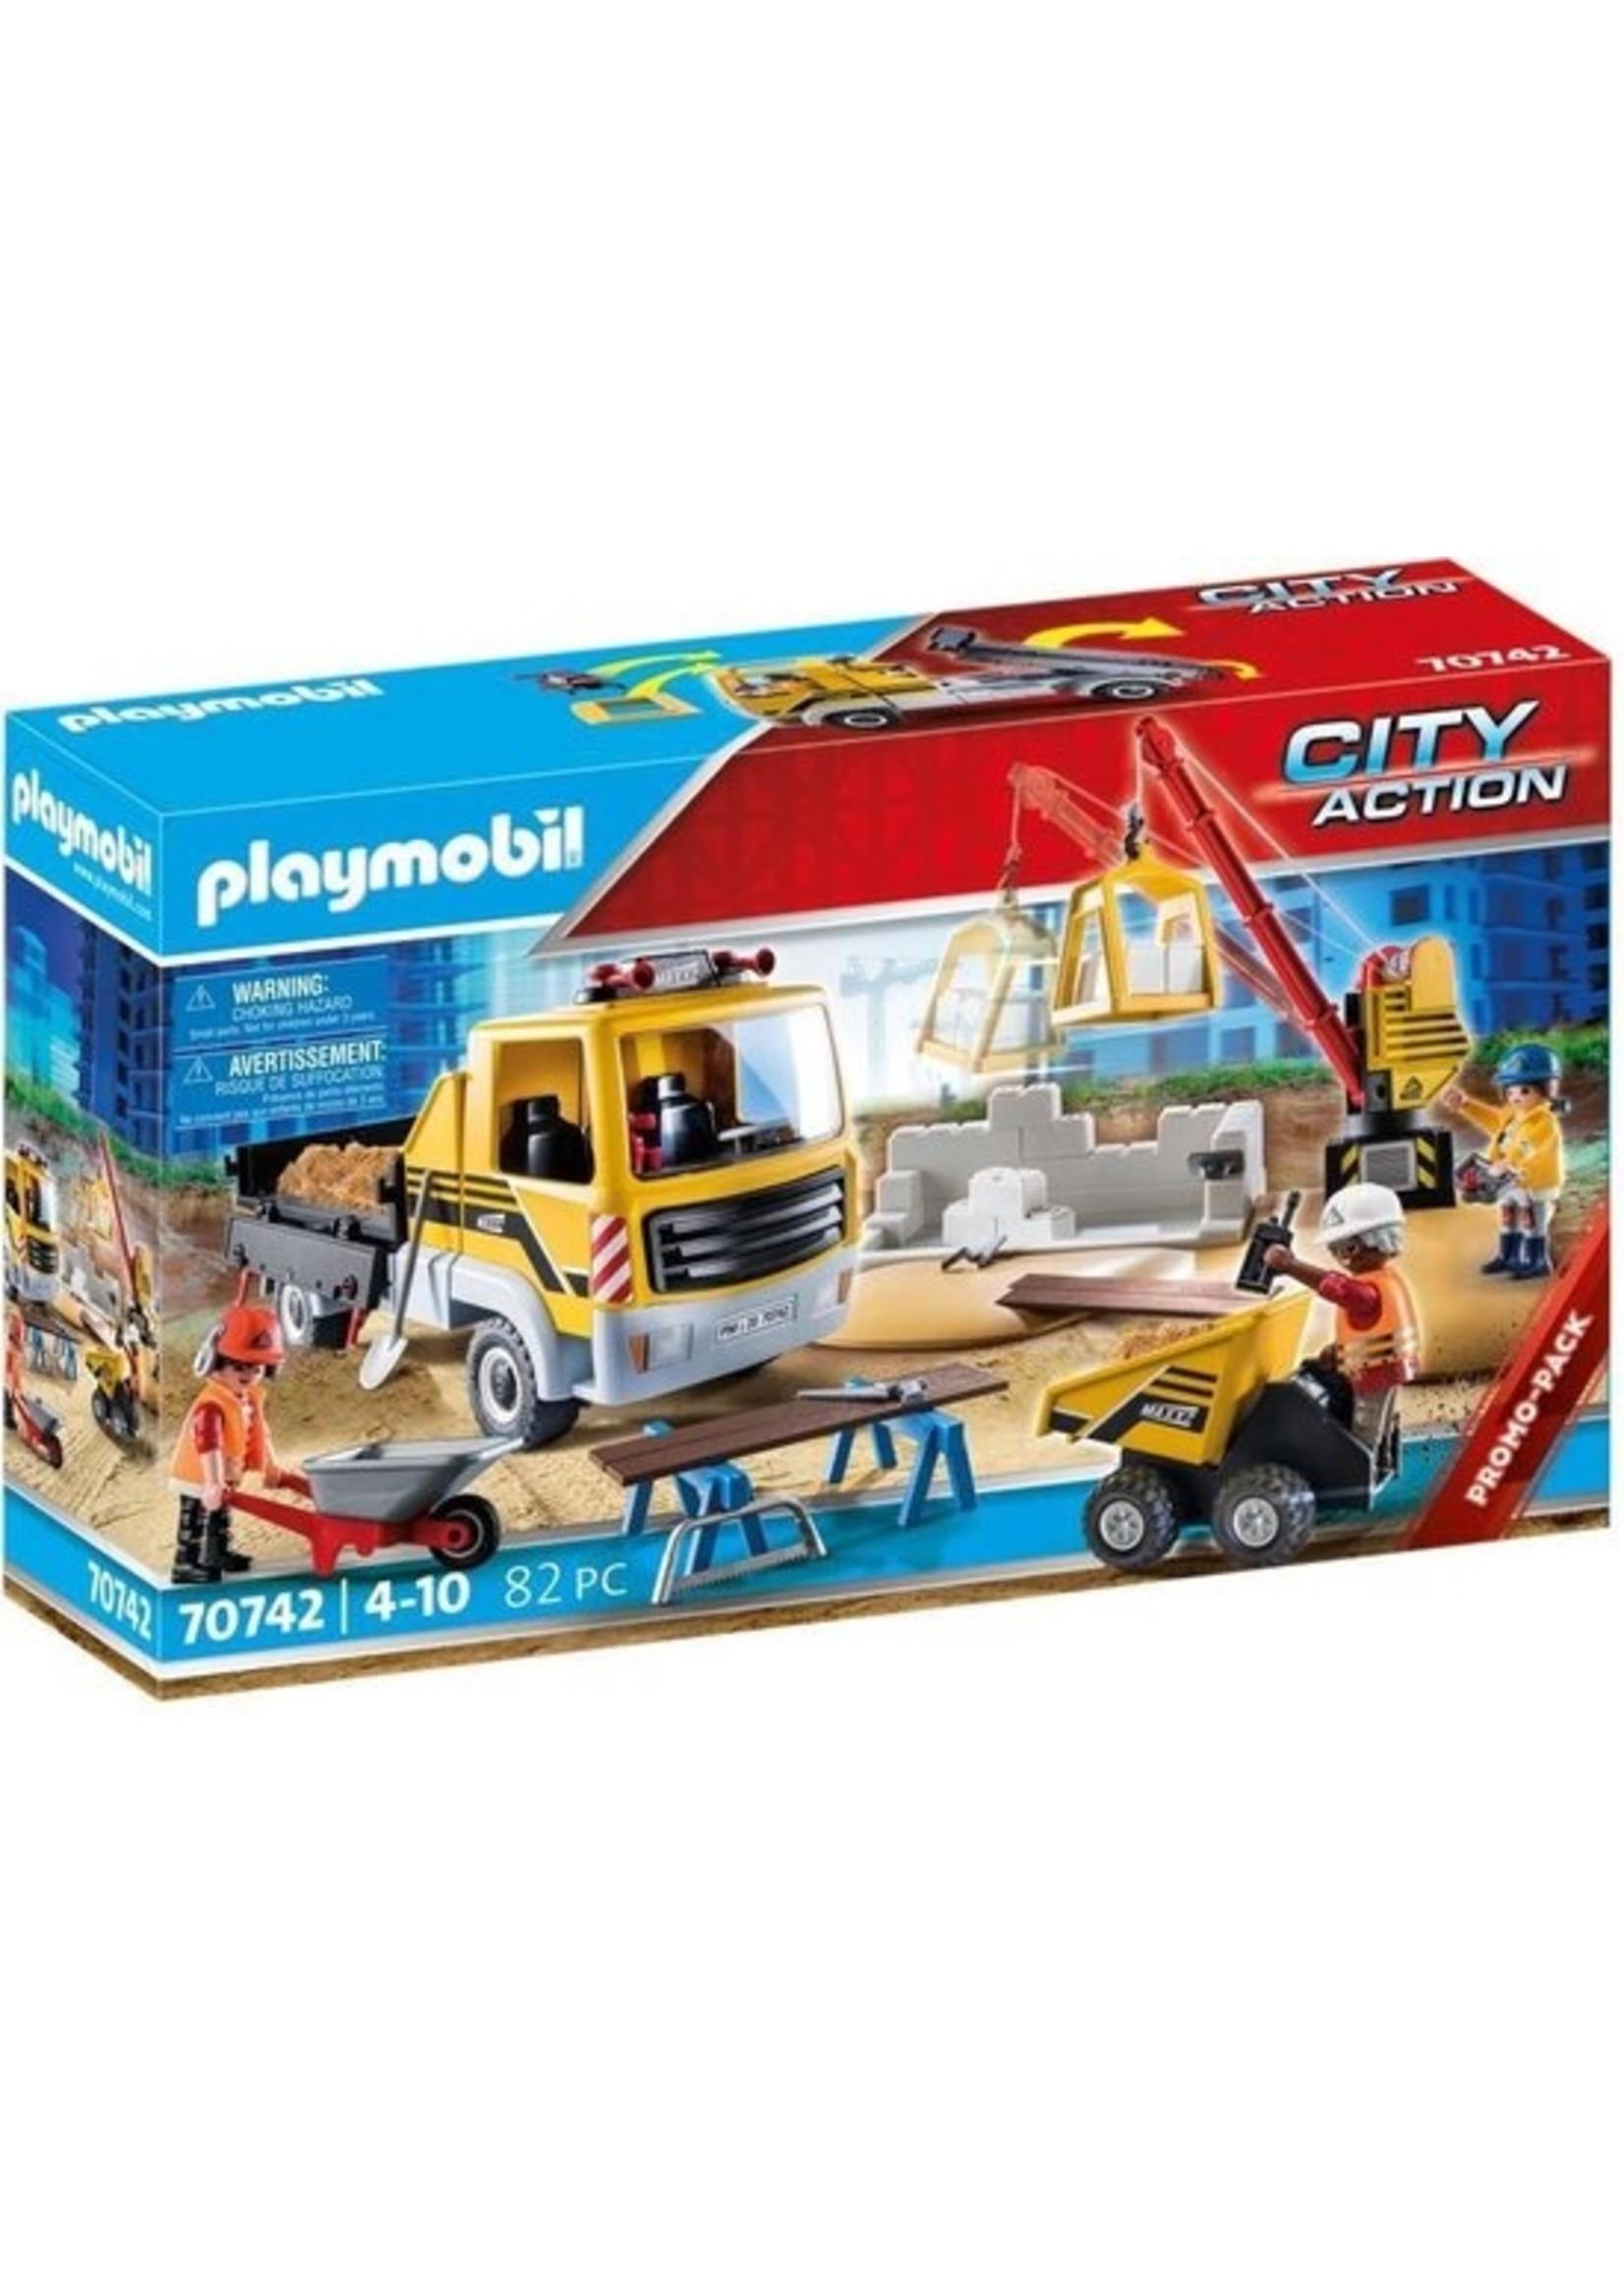 Playmobil PLAYMOBIL City Action Bouwplaats met kiepwagen - 70742